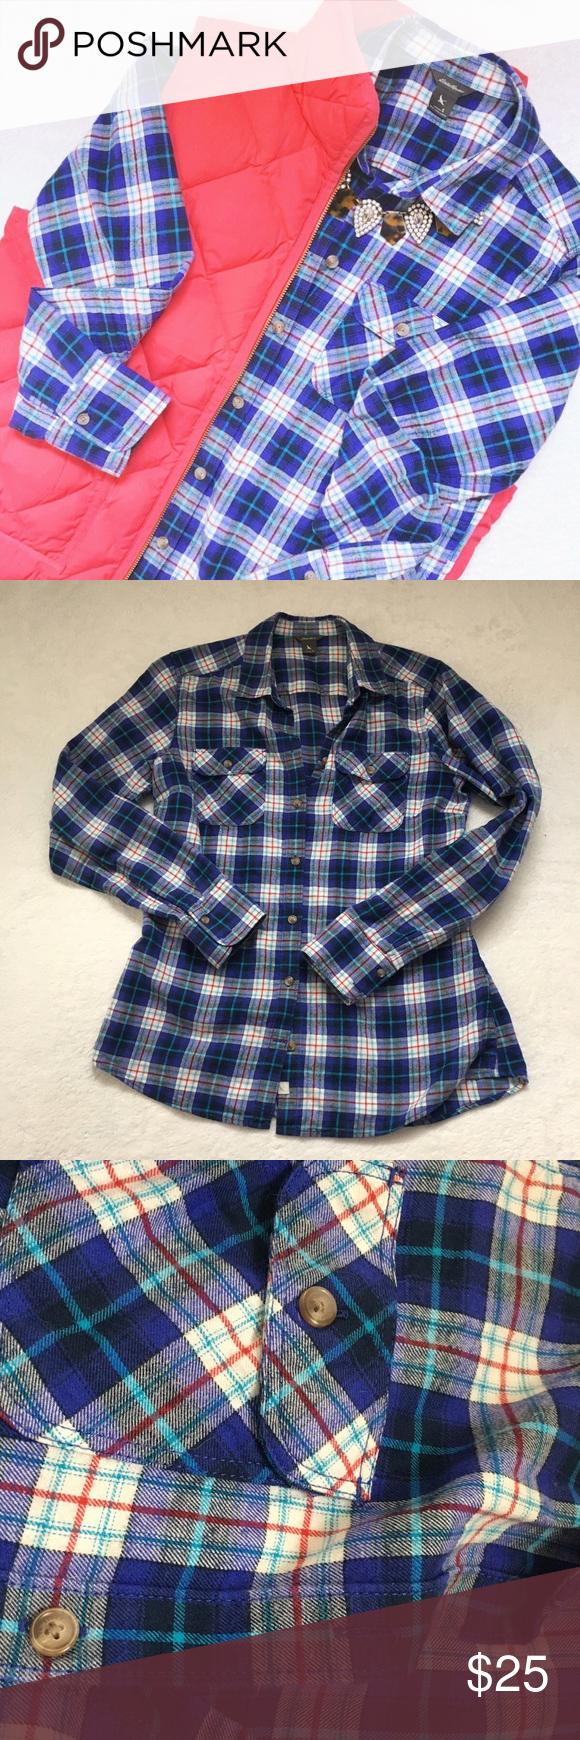 Button up flannel shirts  Eddie bauer flannel shirt  Pinterest  White plaid Front button